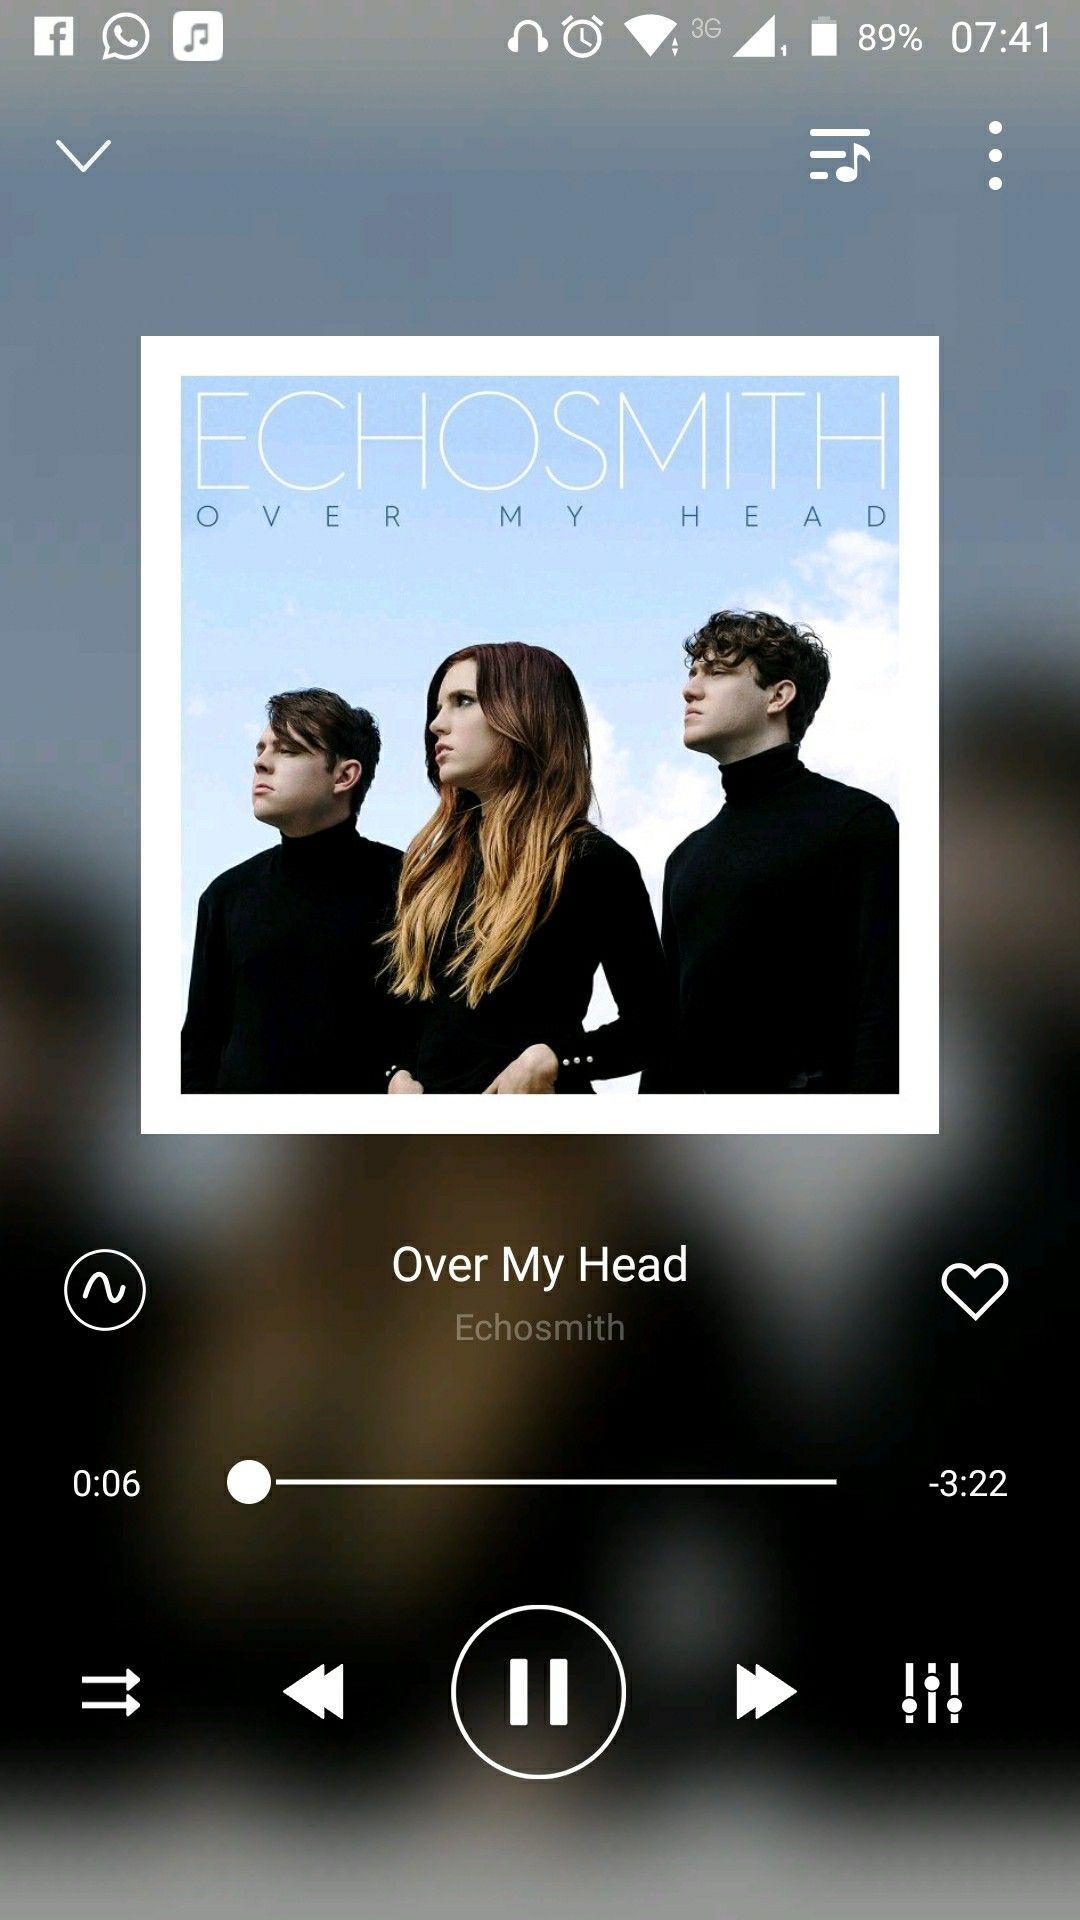 Echosmith over my head echosmith music is life songs